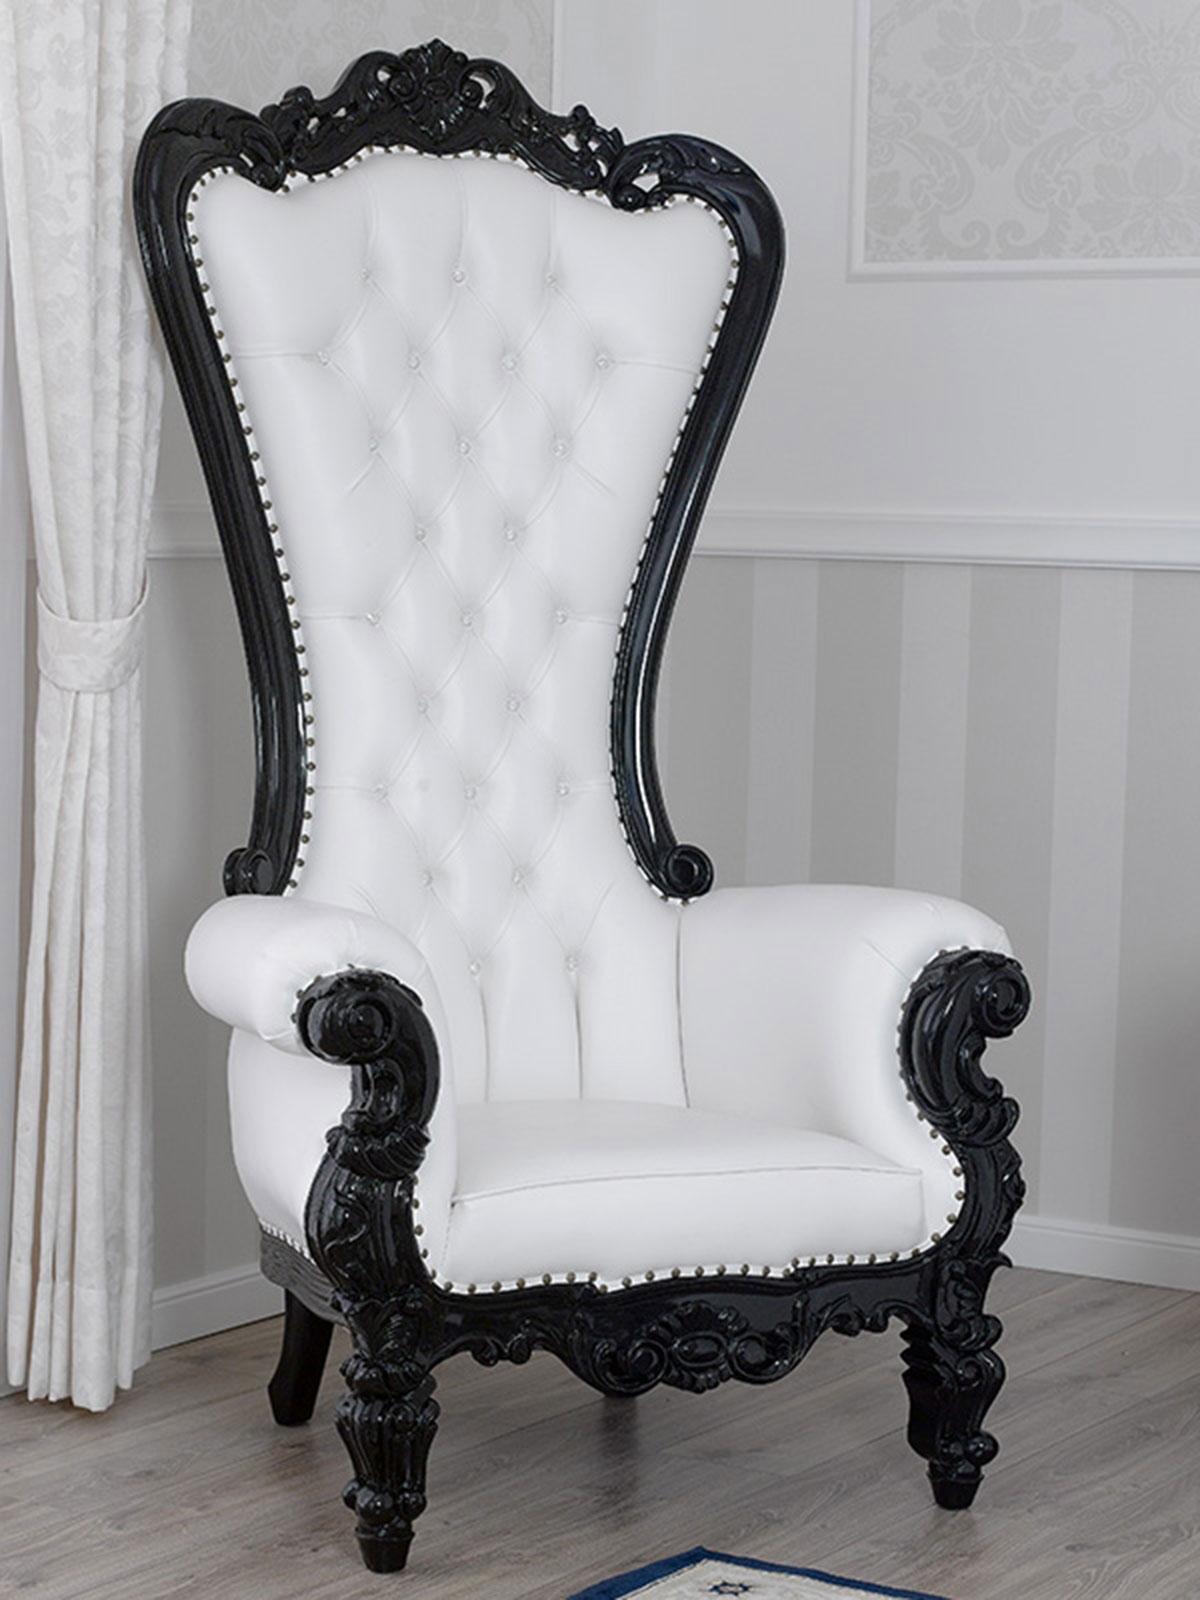 details sur fauteuil regina style baroque dark trone noir laque similicuir blanc boutons cry